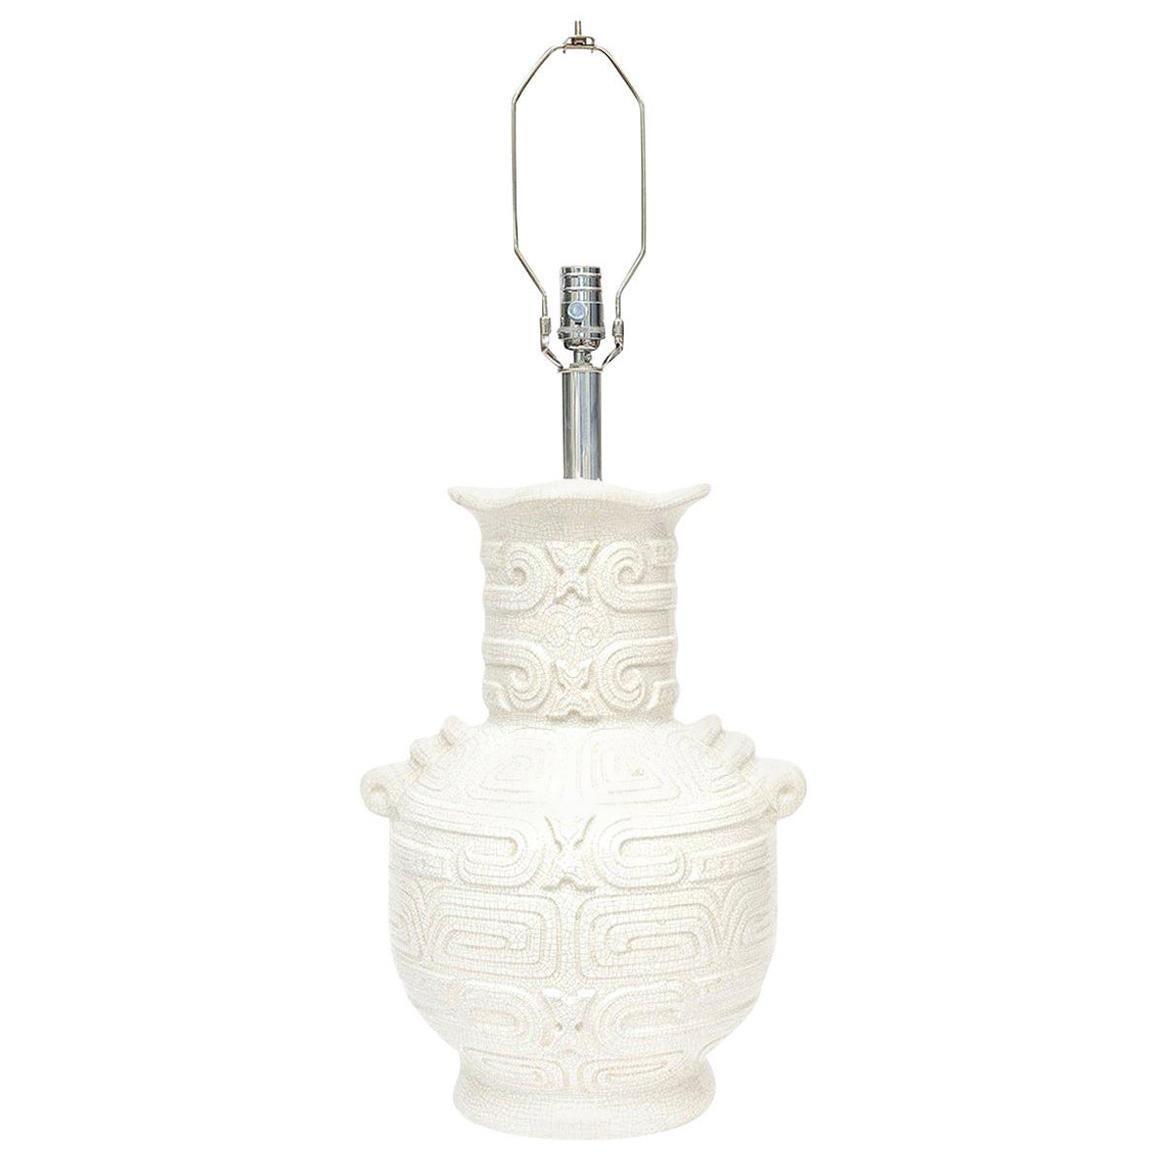 Glazed Crackled White and Light Gray Ceramic Lamp Italian Vintage